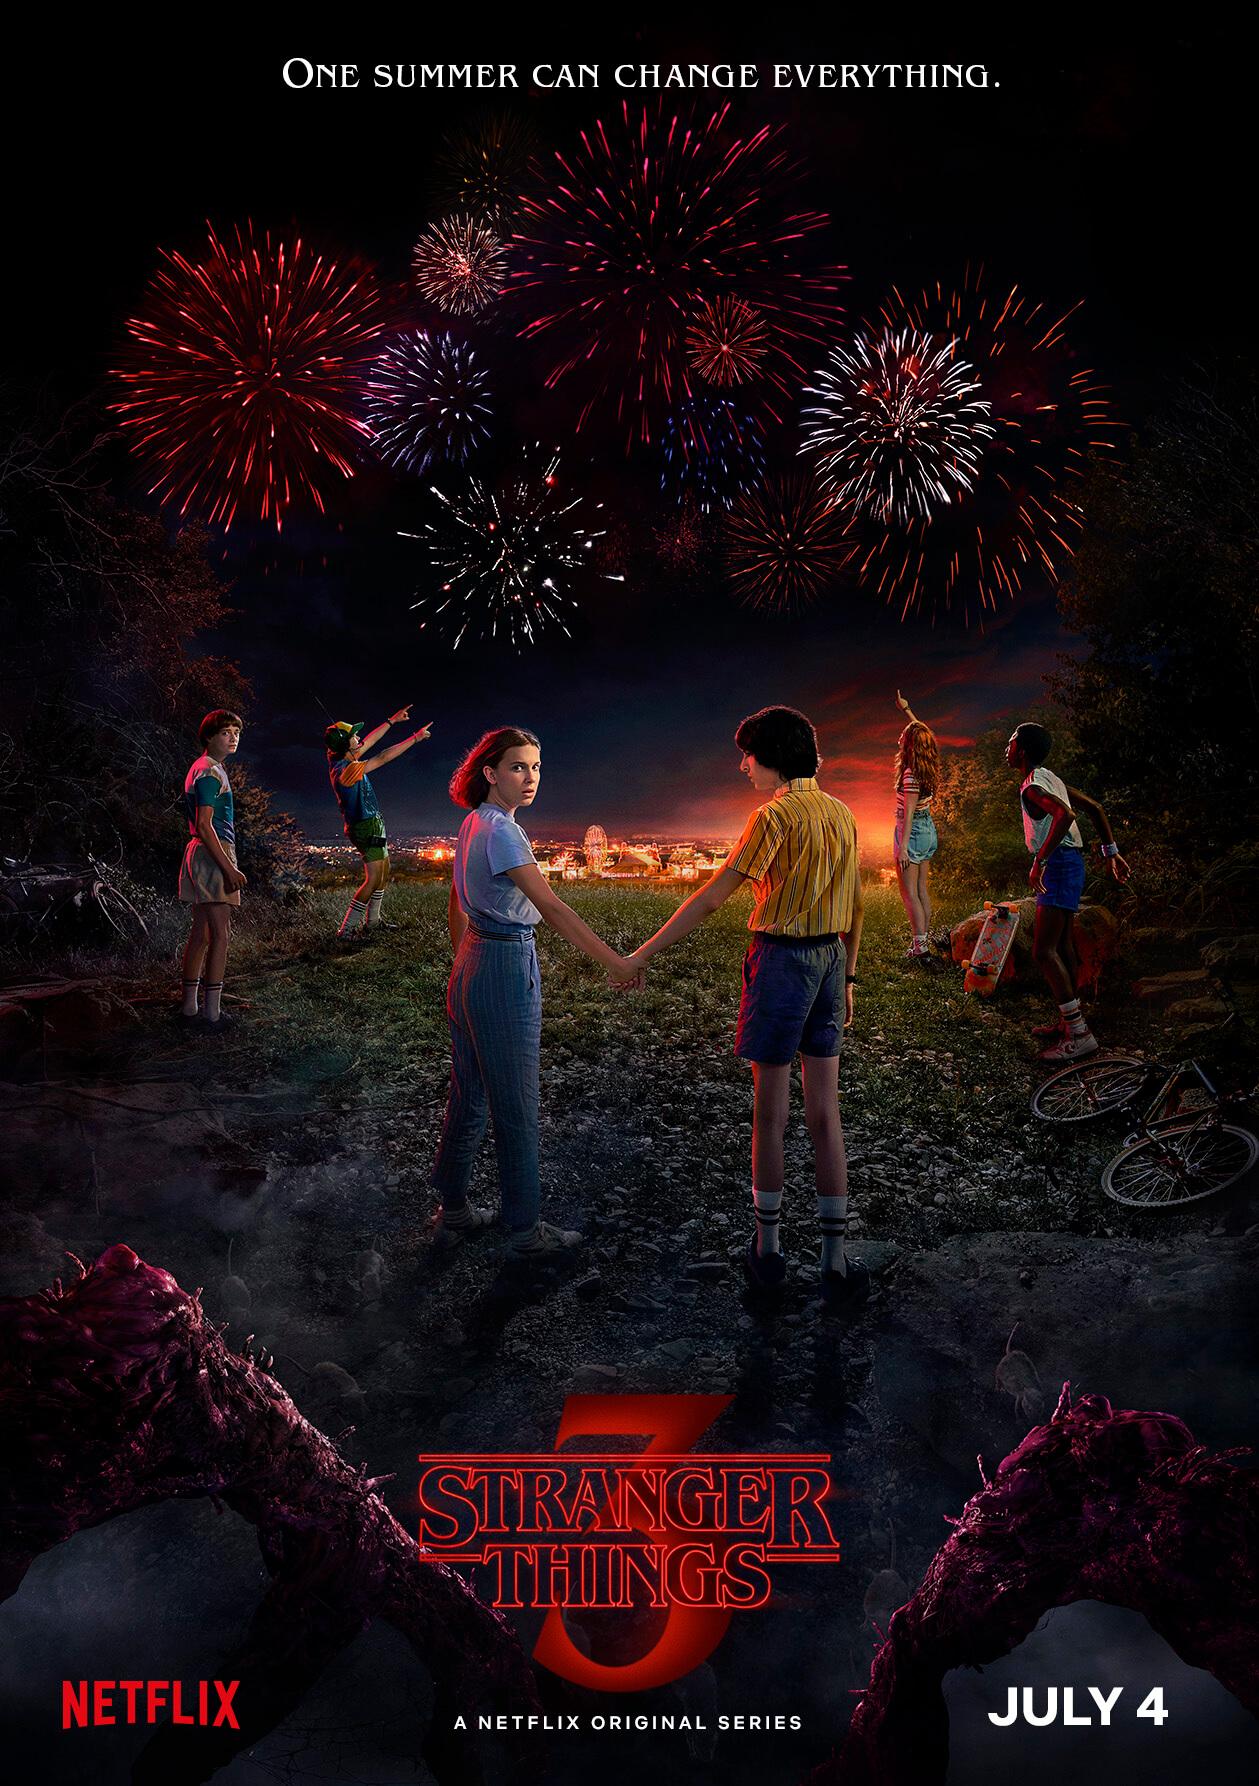 Stranger Things 3 | Teaser misterioso revela data de estreia da nova temporada